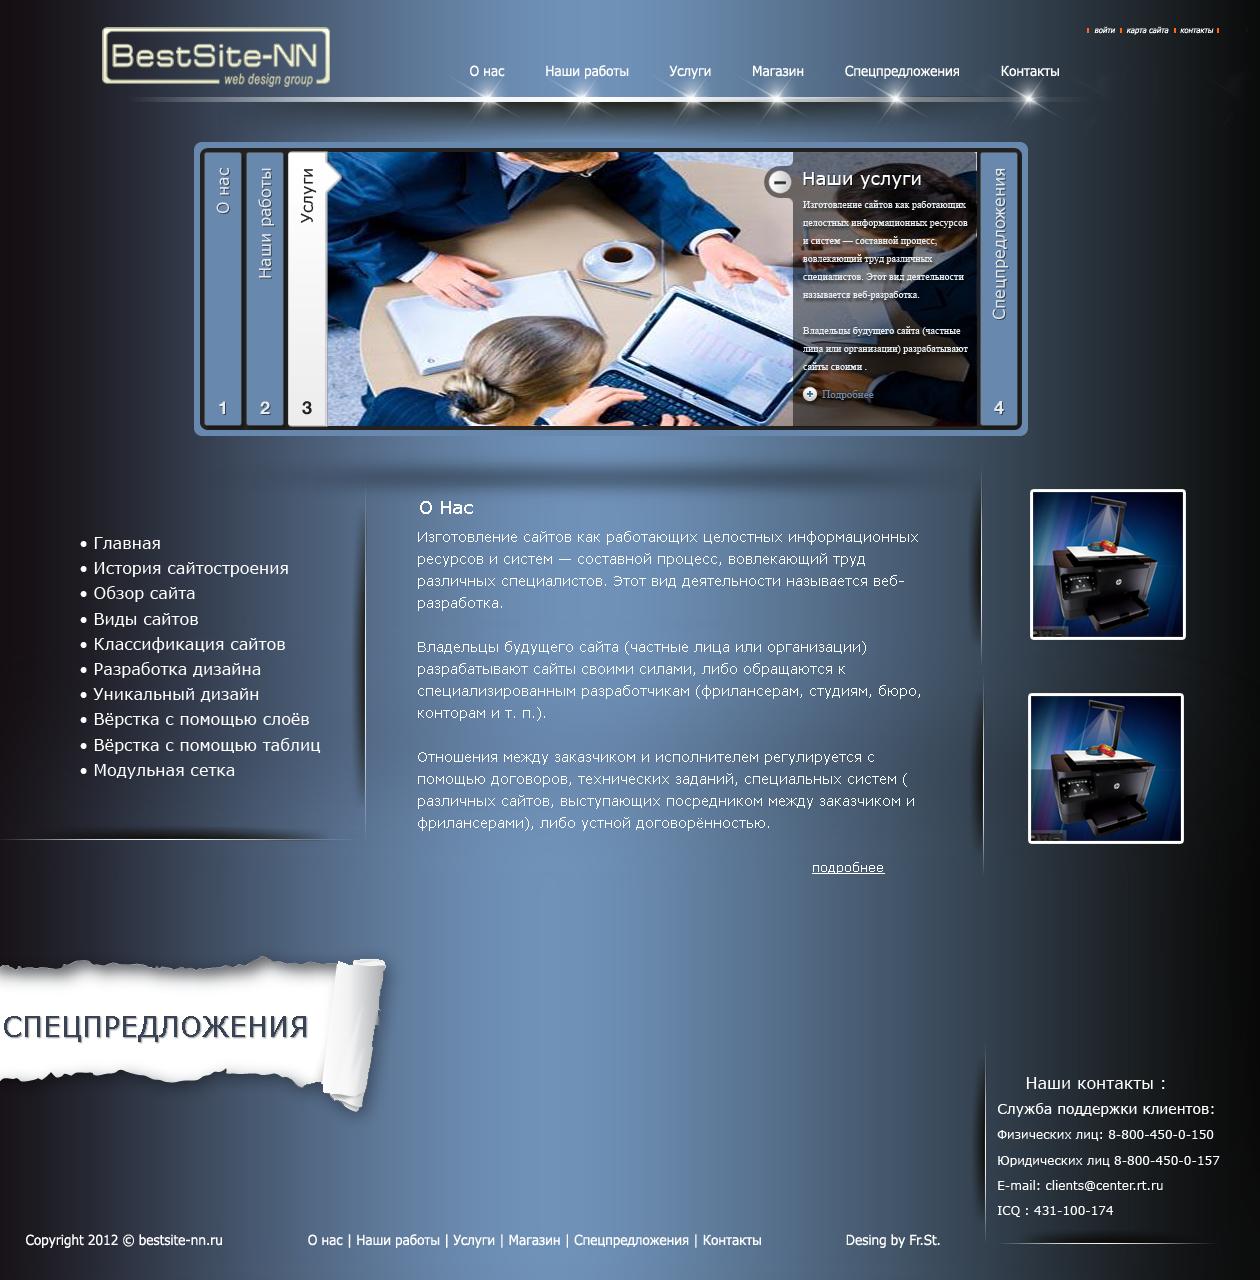 Дизайн сайта фрилансеры